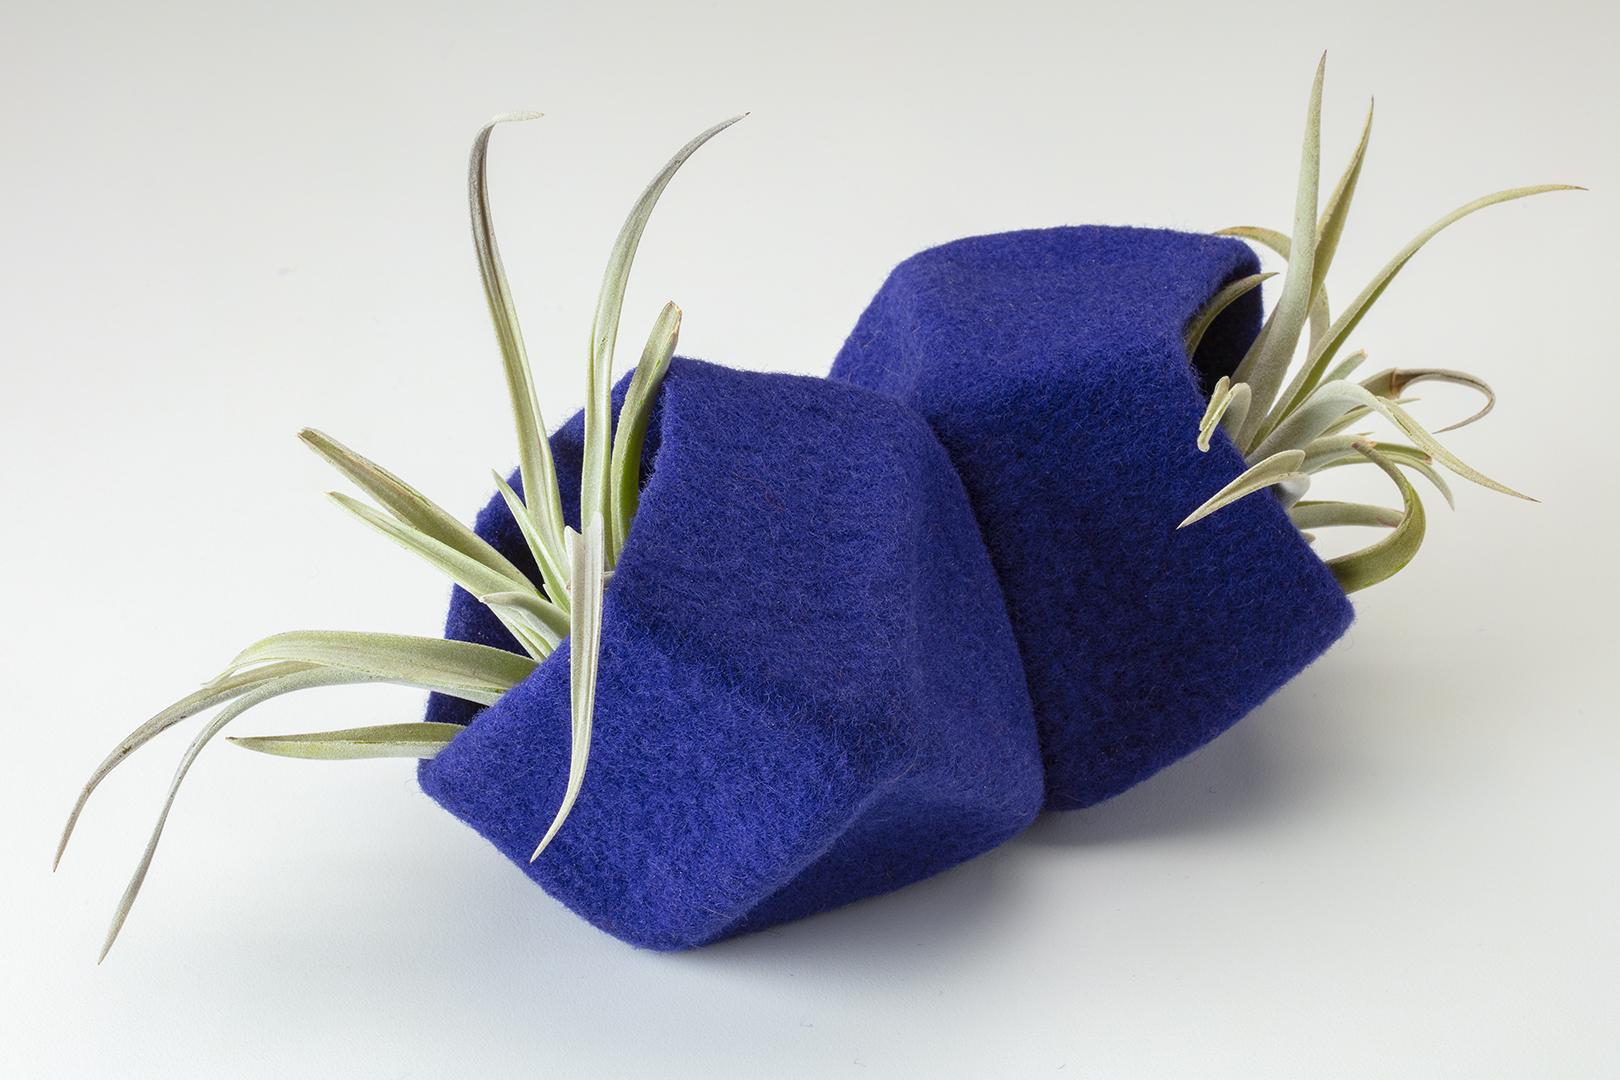 Cobalt Octohedrons